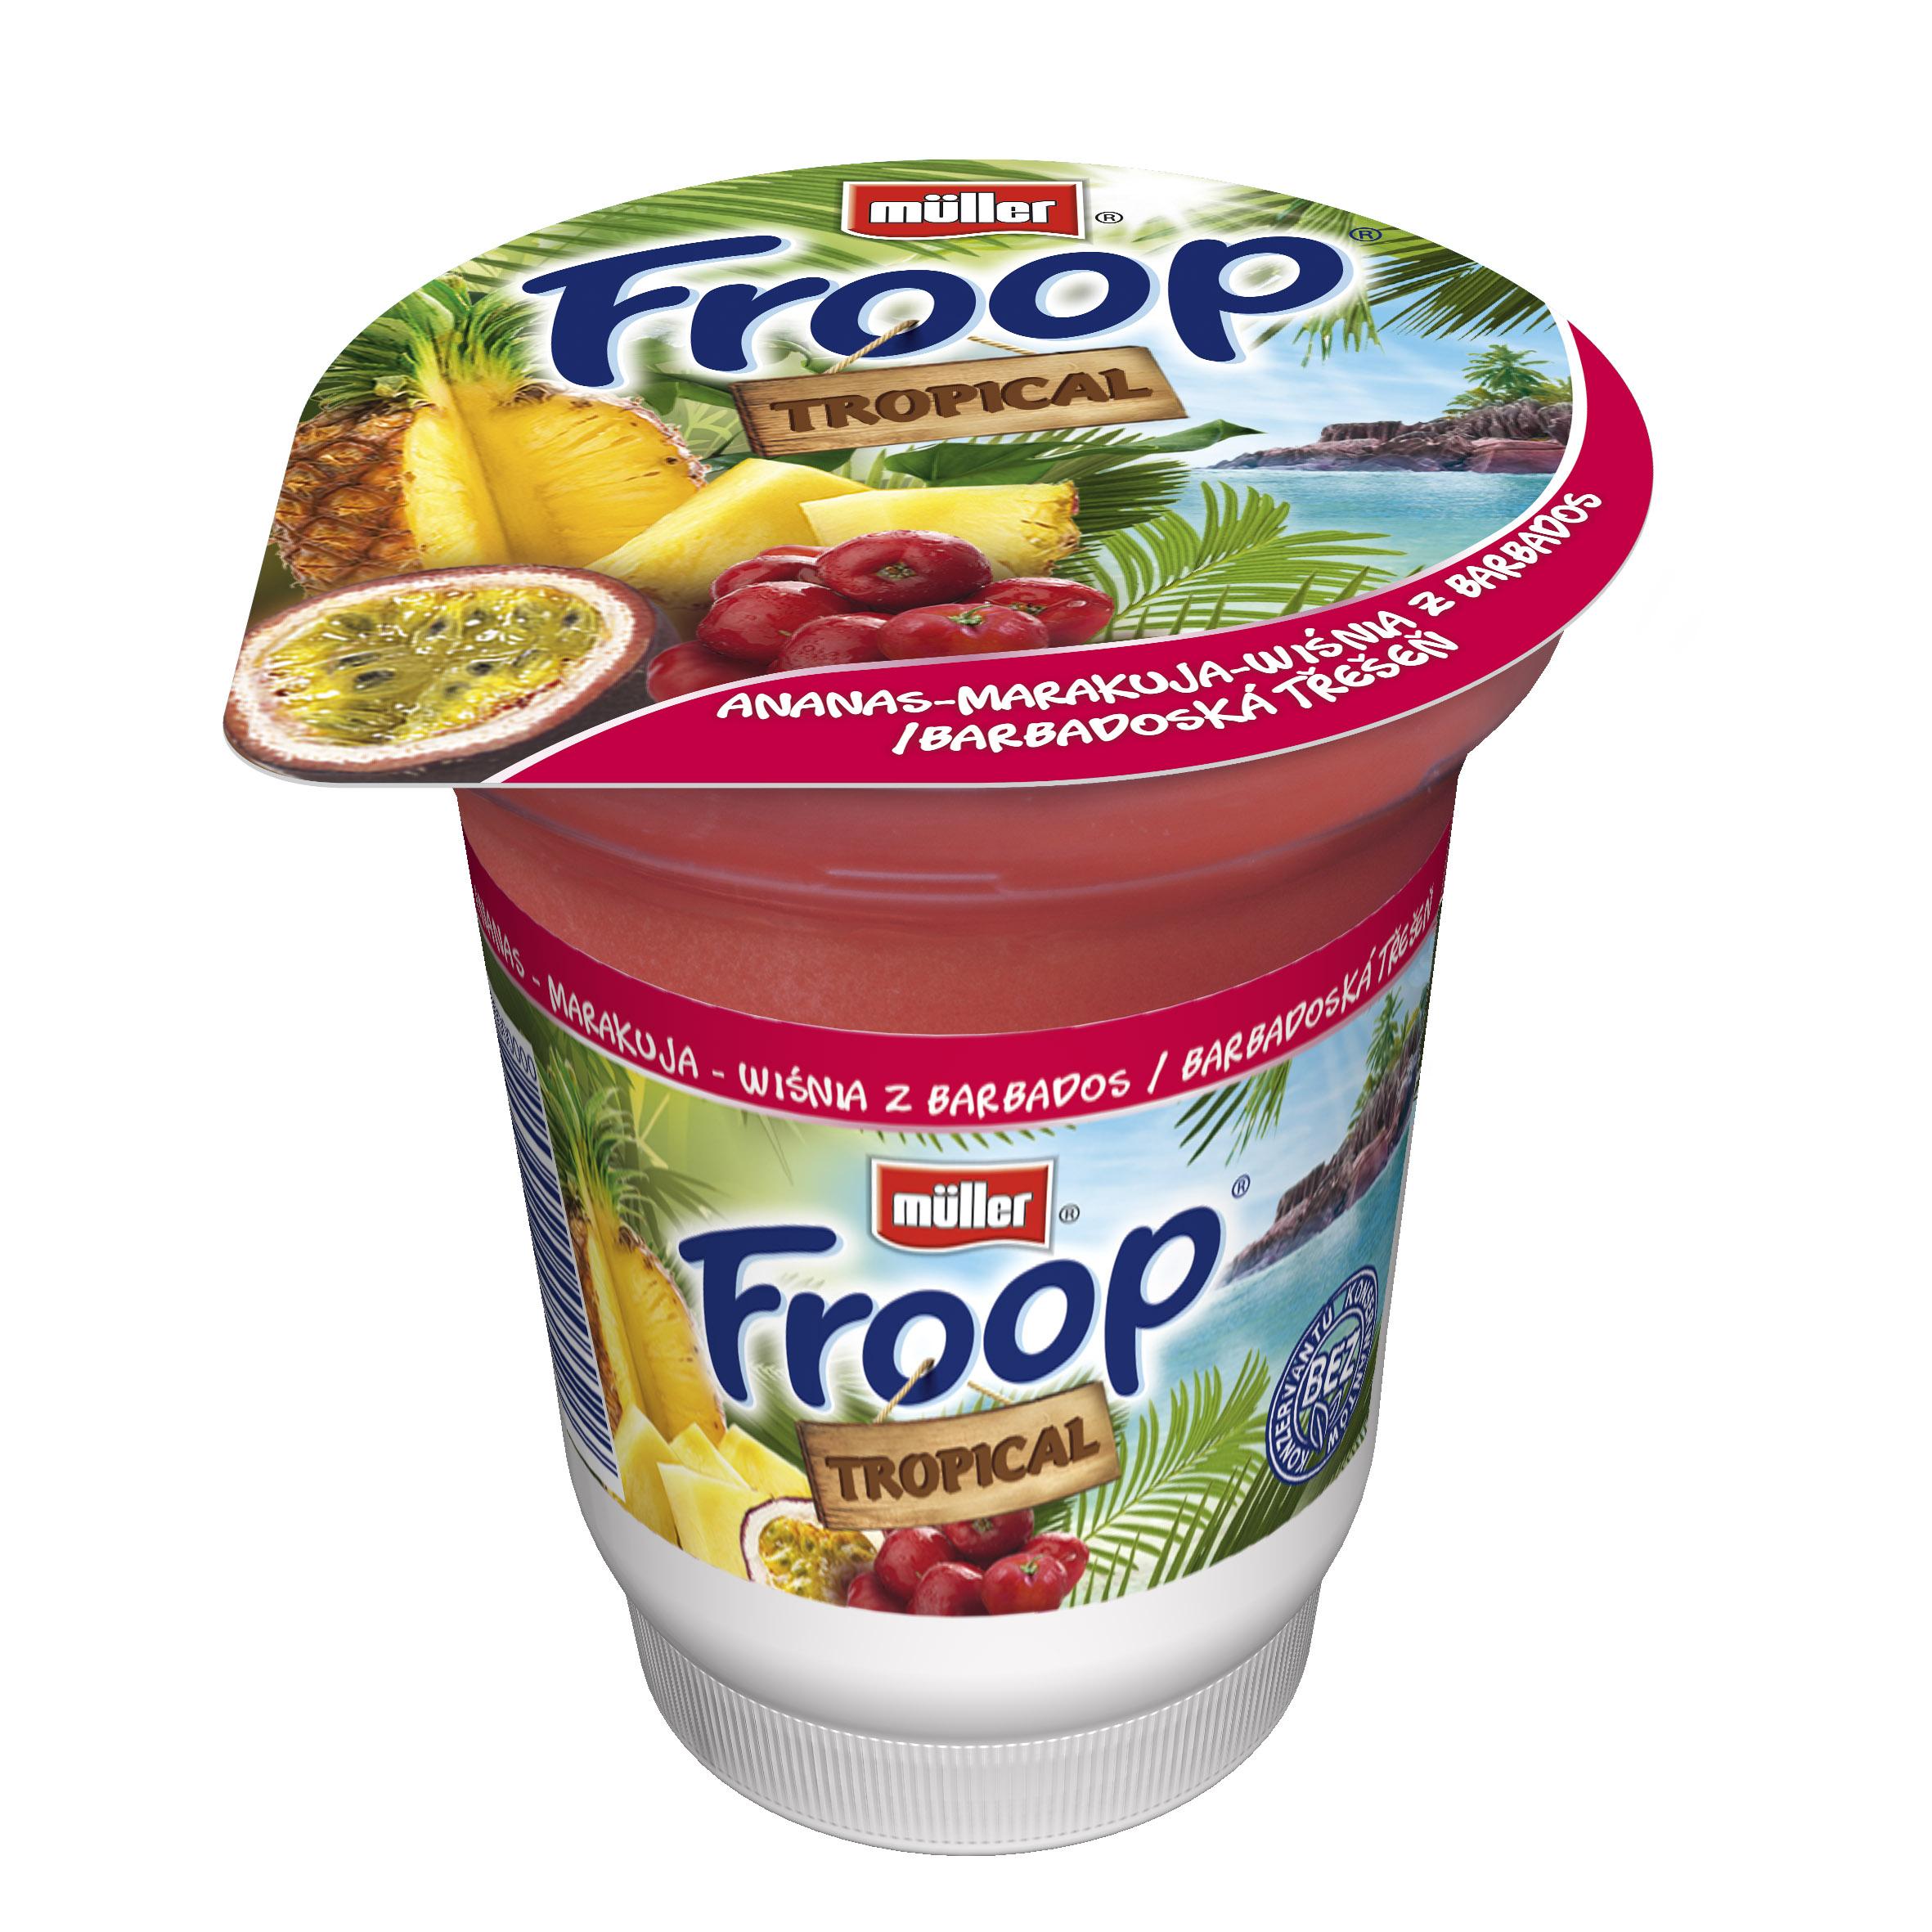 Froop Tropical – nowa gama Froop już na rynku